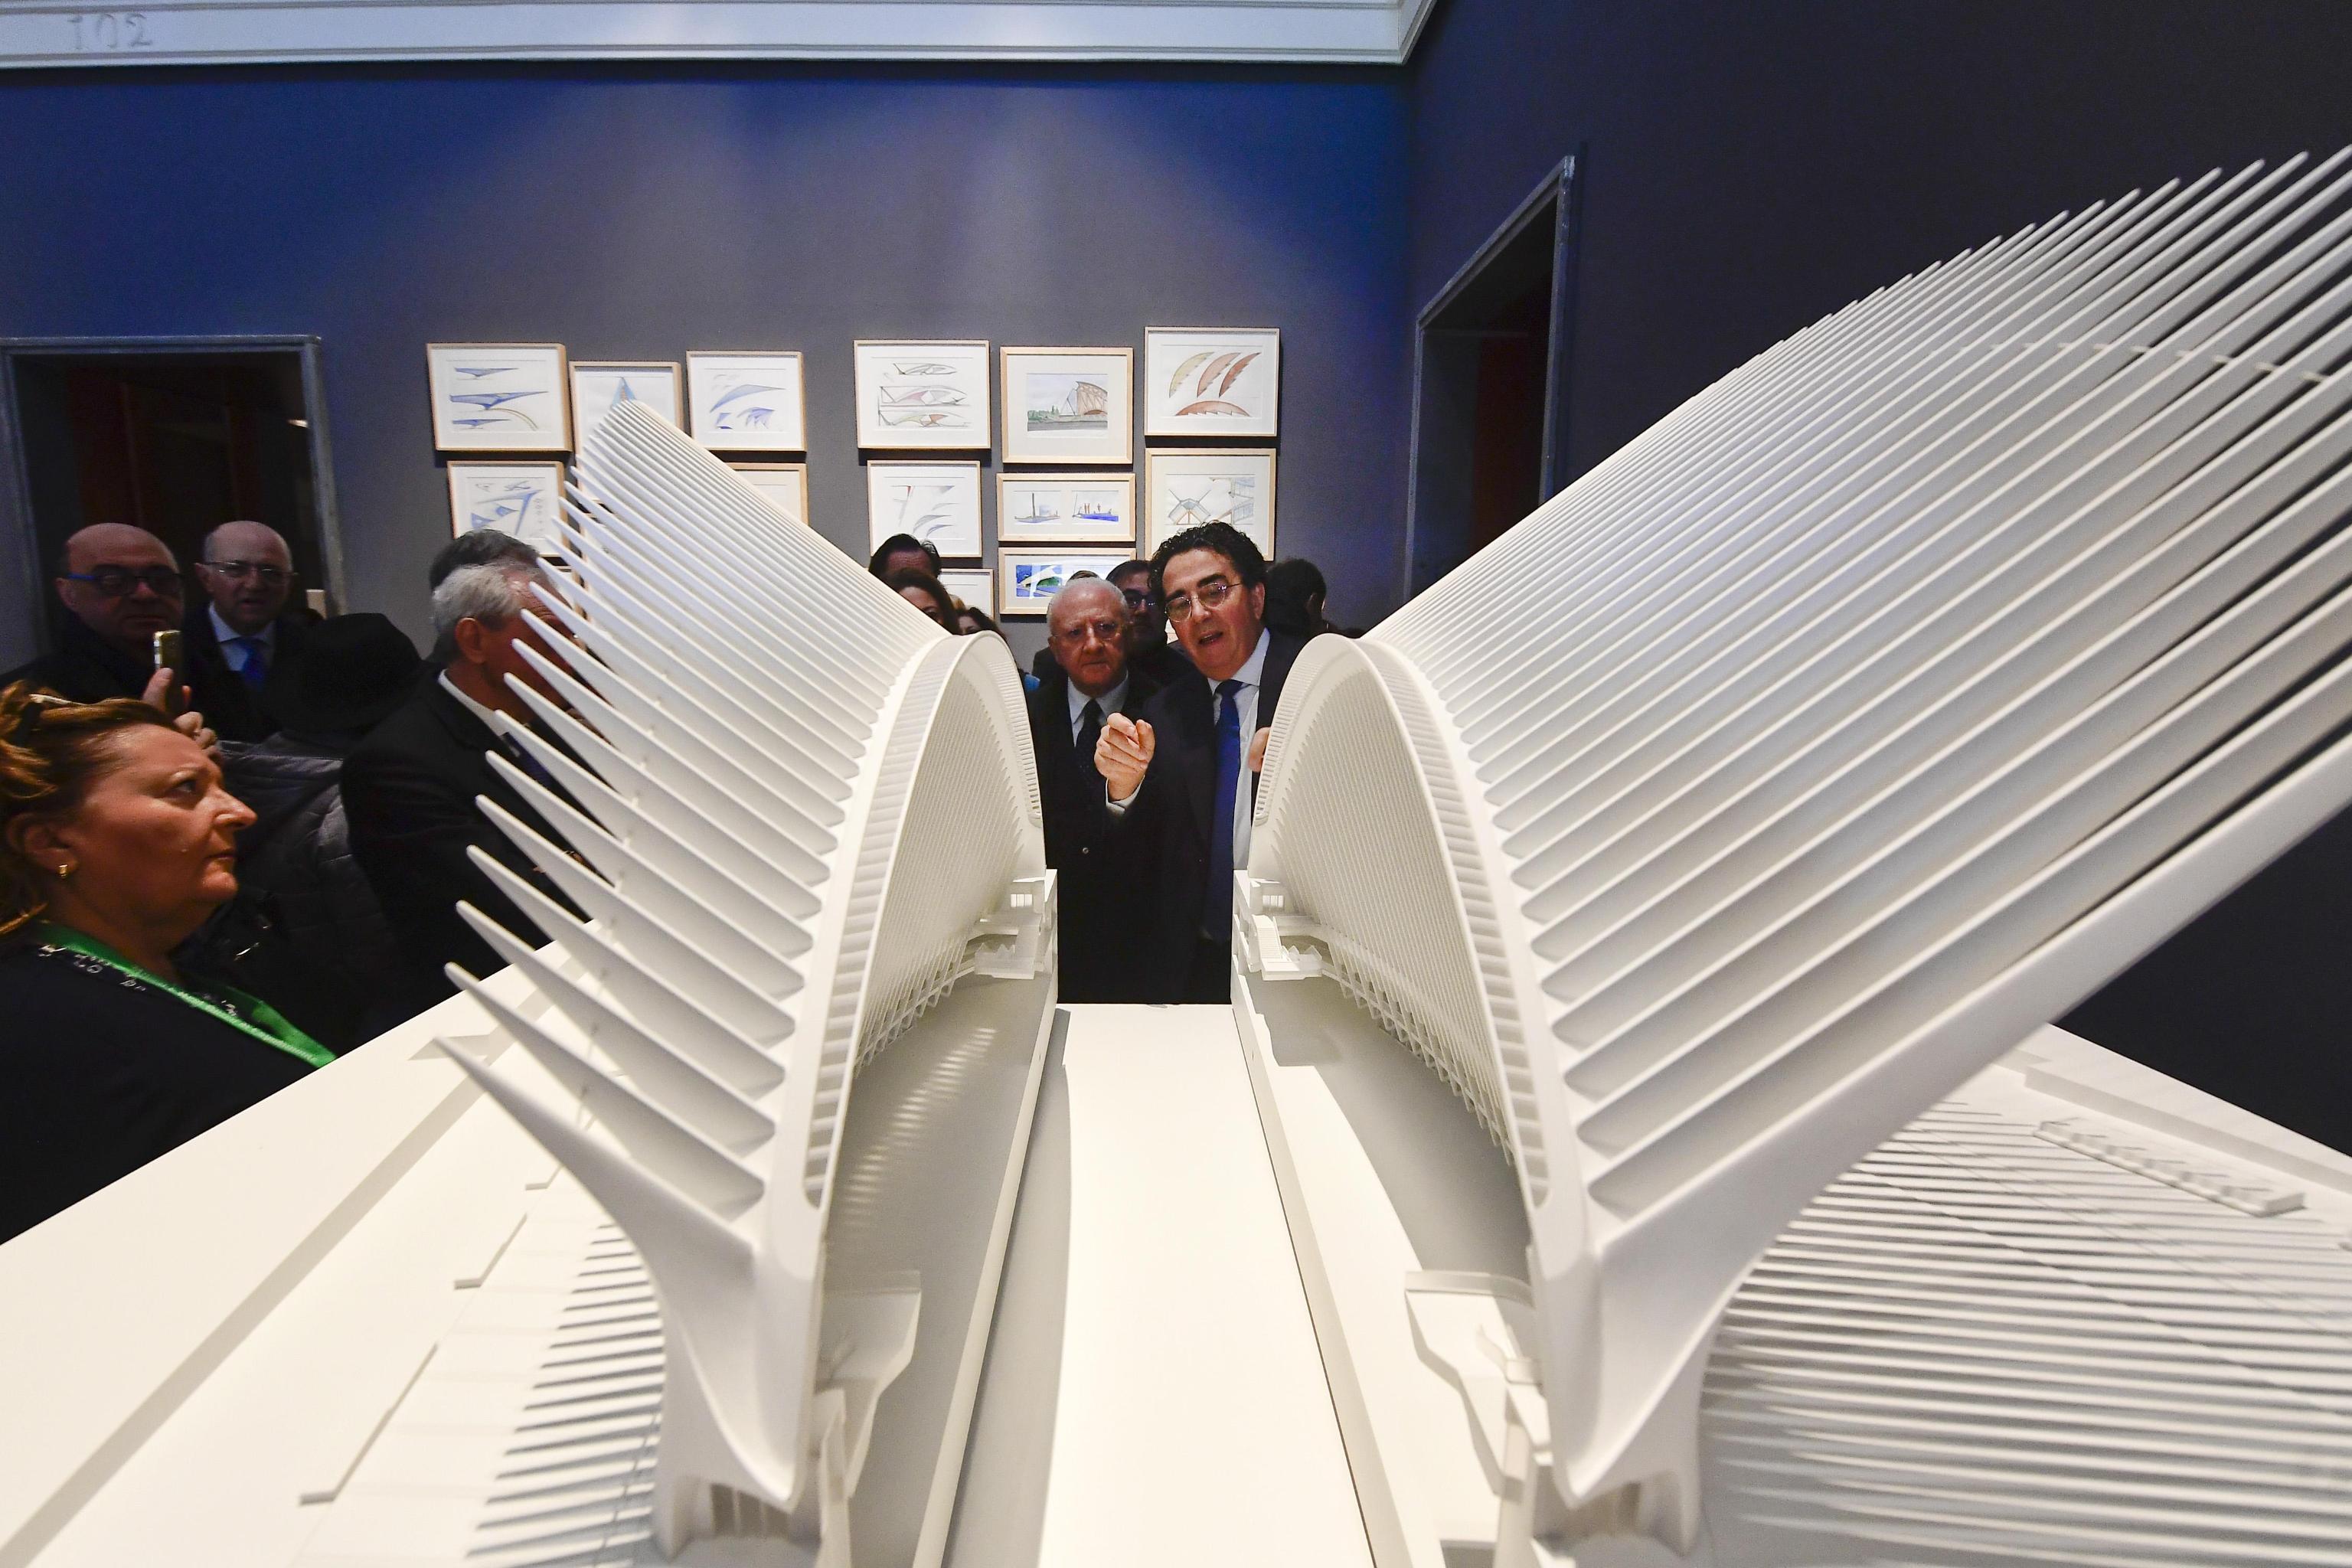 Santiago Calatrava ed  il presidente della regione Campania Vincenzo De Luca  alla  mostra con  quattrocento opere - sculture, disegni, maquette di  Calatrava allestita al  Museo e Real Bosco di Capodimonte, 5 dicembre 2019  ANSA / CIRO FUSCO